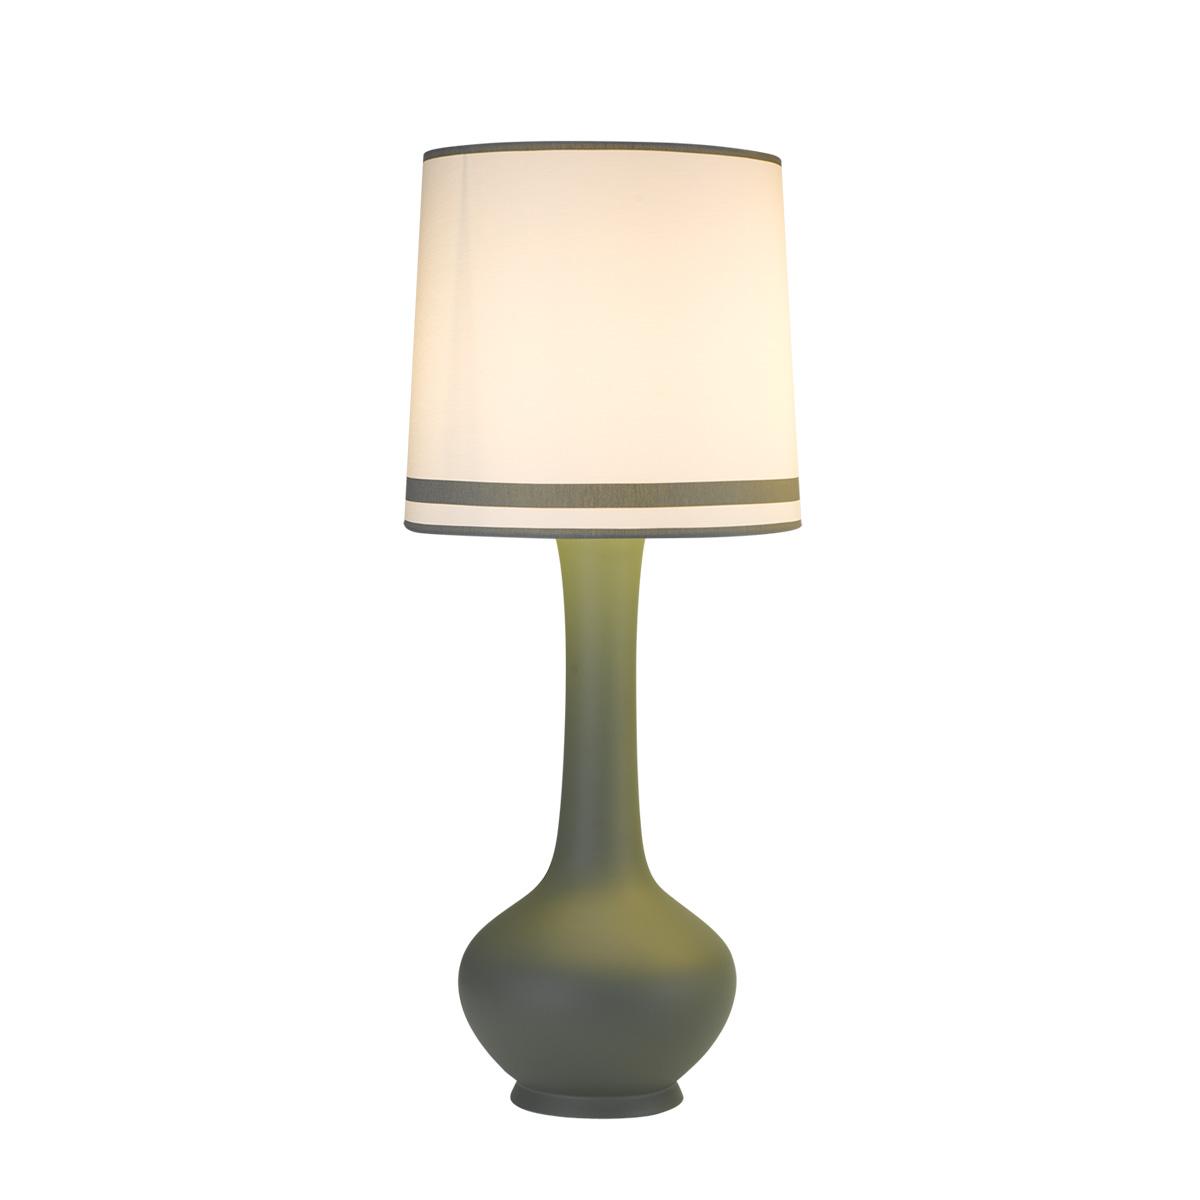 Ρετρό επιτραπέζιο φωτιστικό DIVA retro table lamp